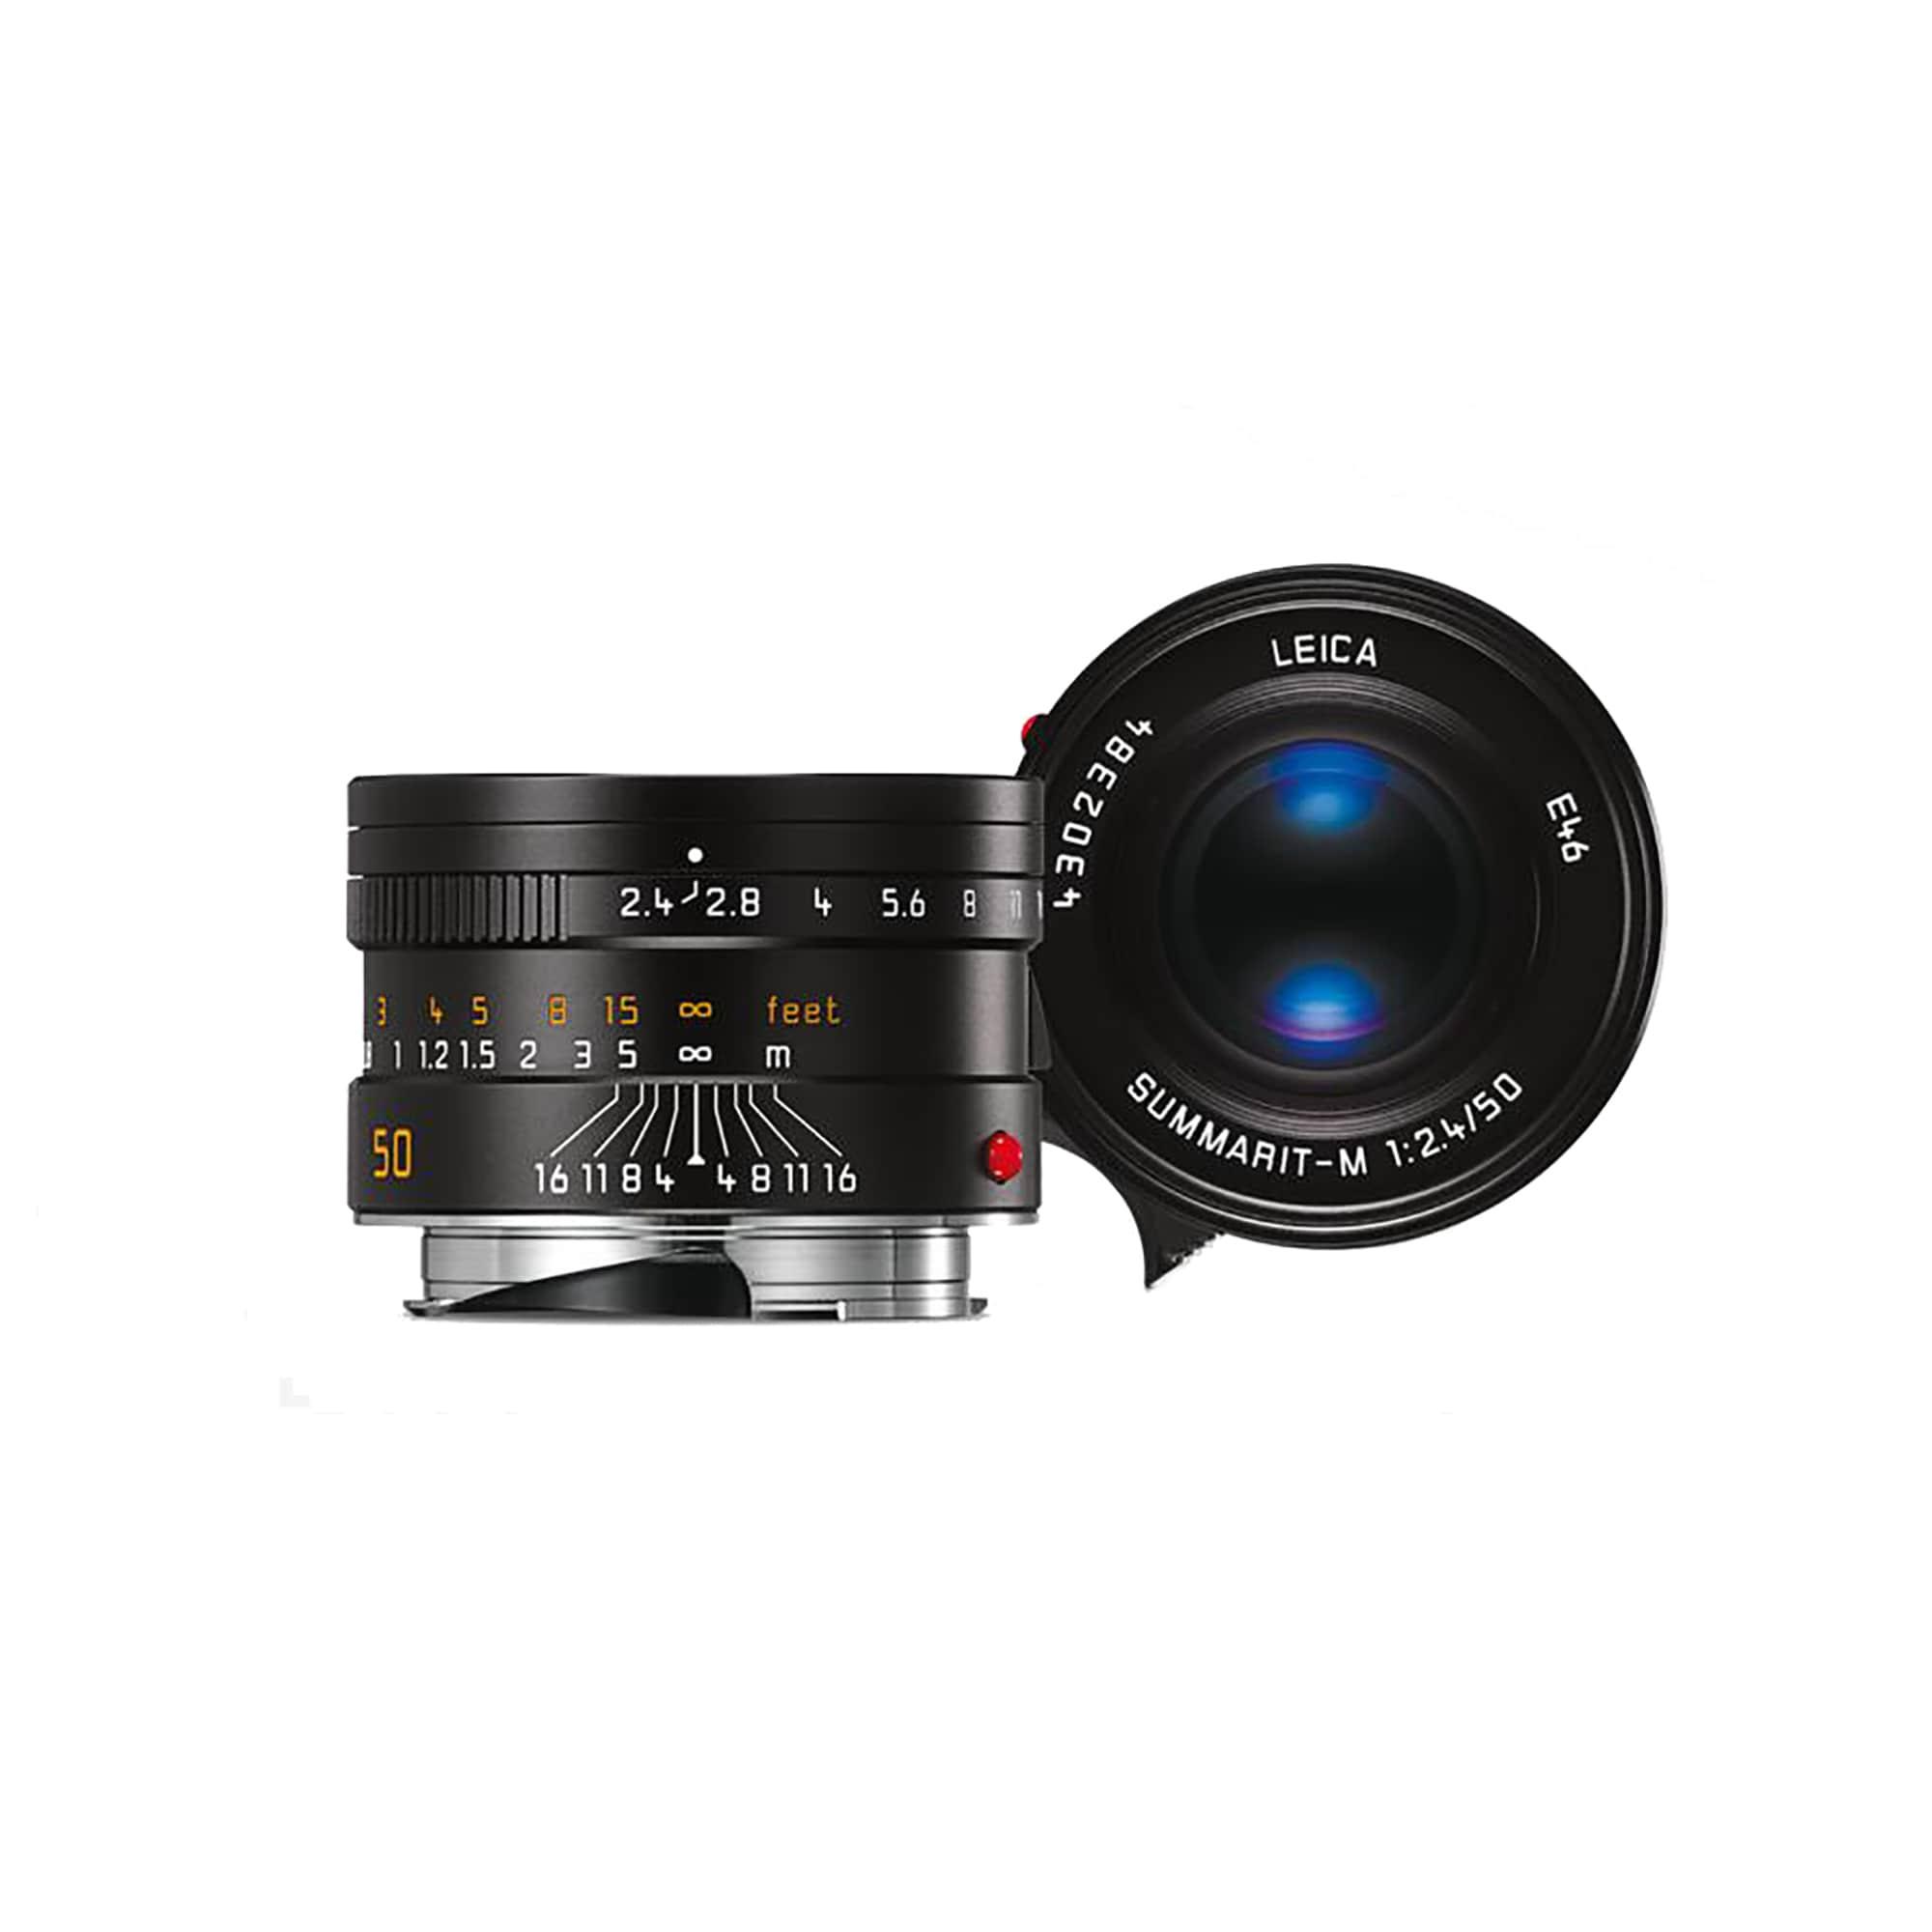 Leica Summarit M 2,4/50